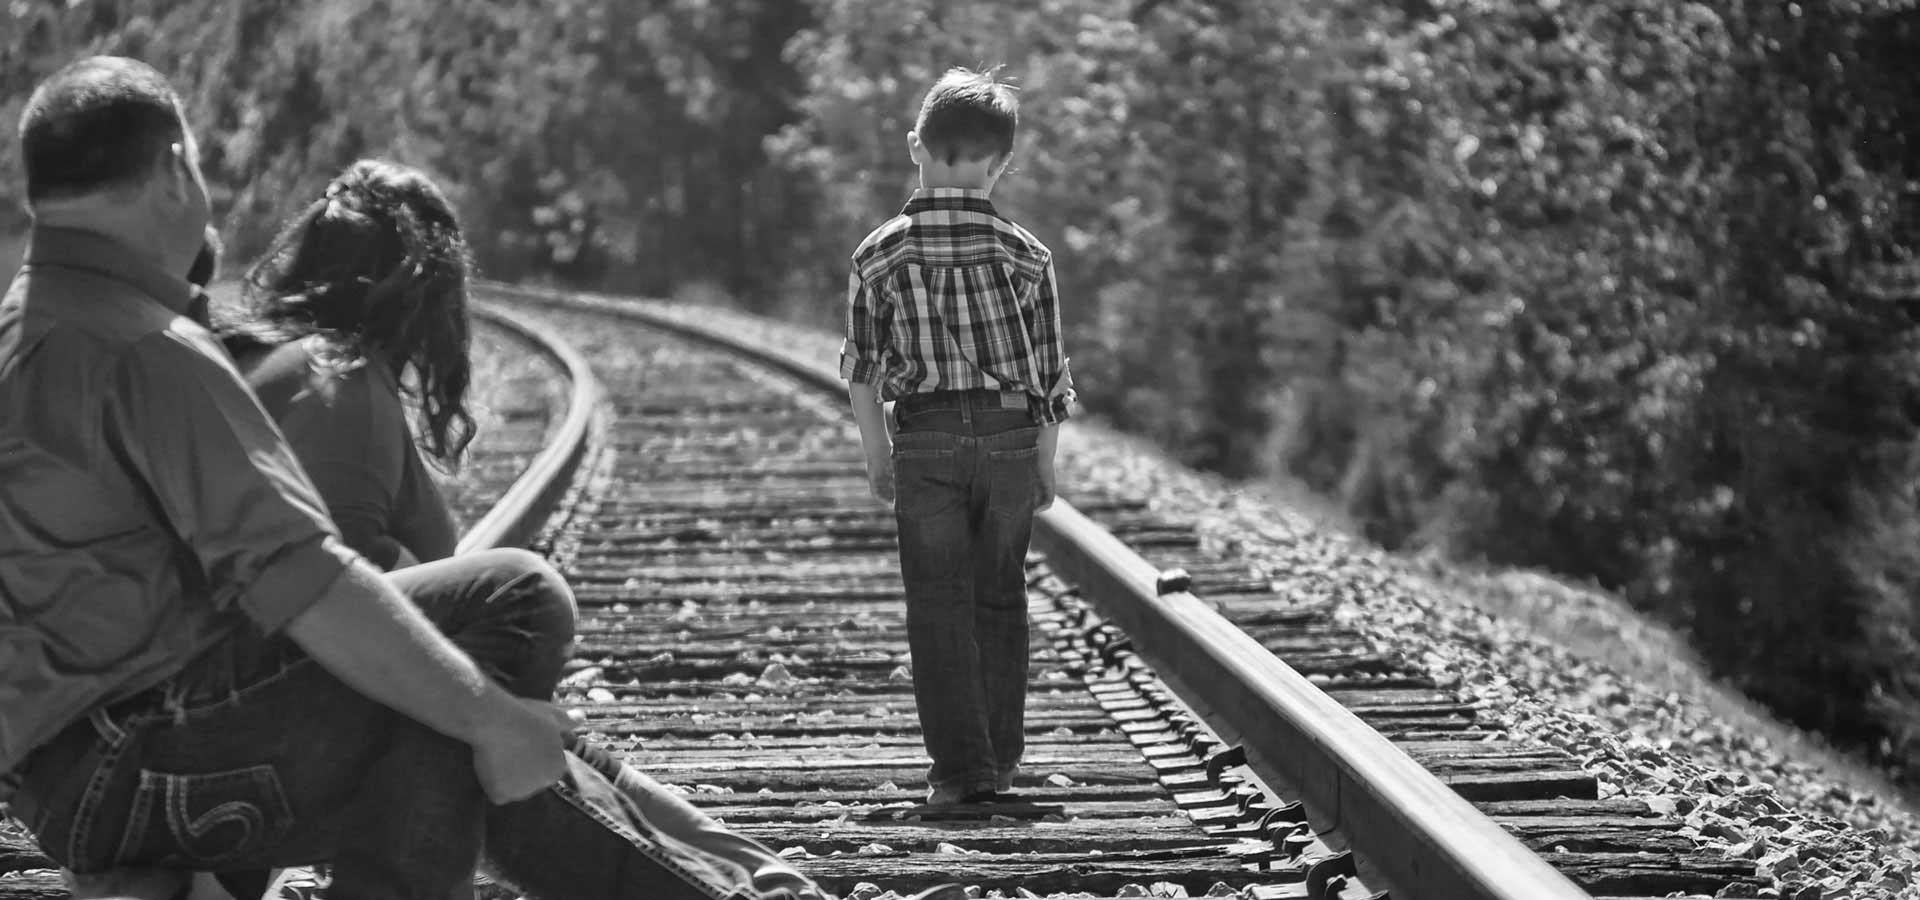 Genitori coach e il bimbo indipendente che va ad ottenere i risultati meritati